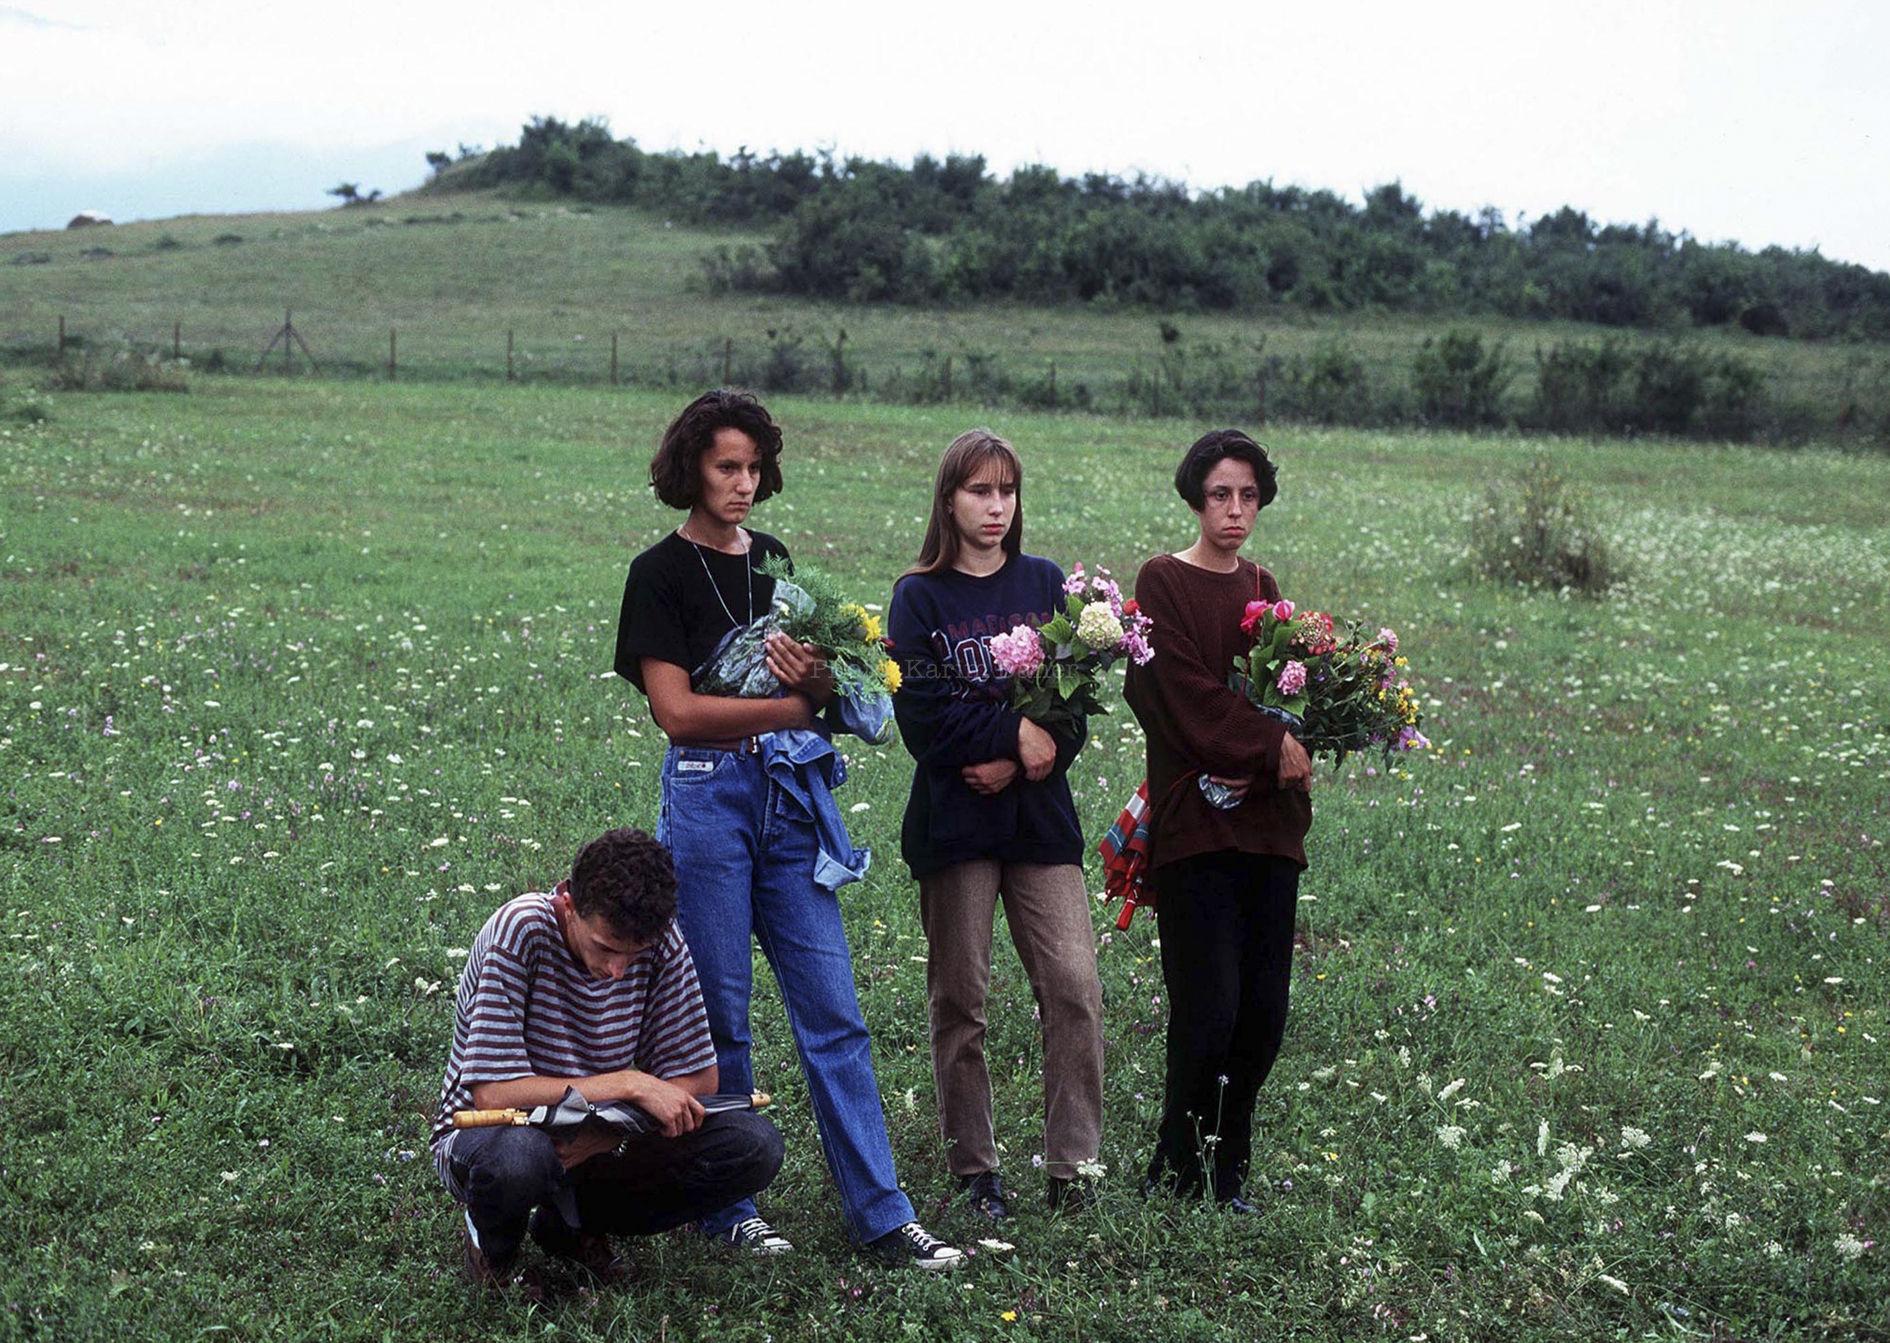 Bosnie, Bihac, été 1995. Obsèques d'un jeune soldat bosniaque.